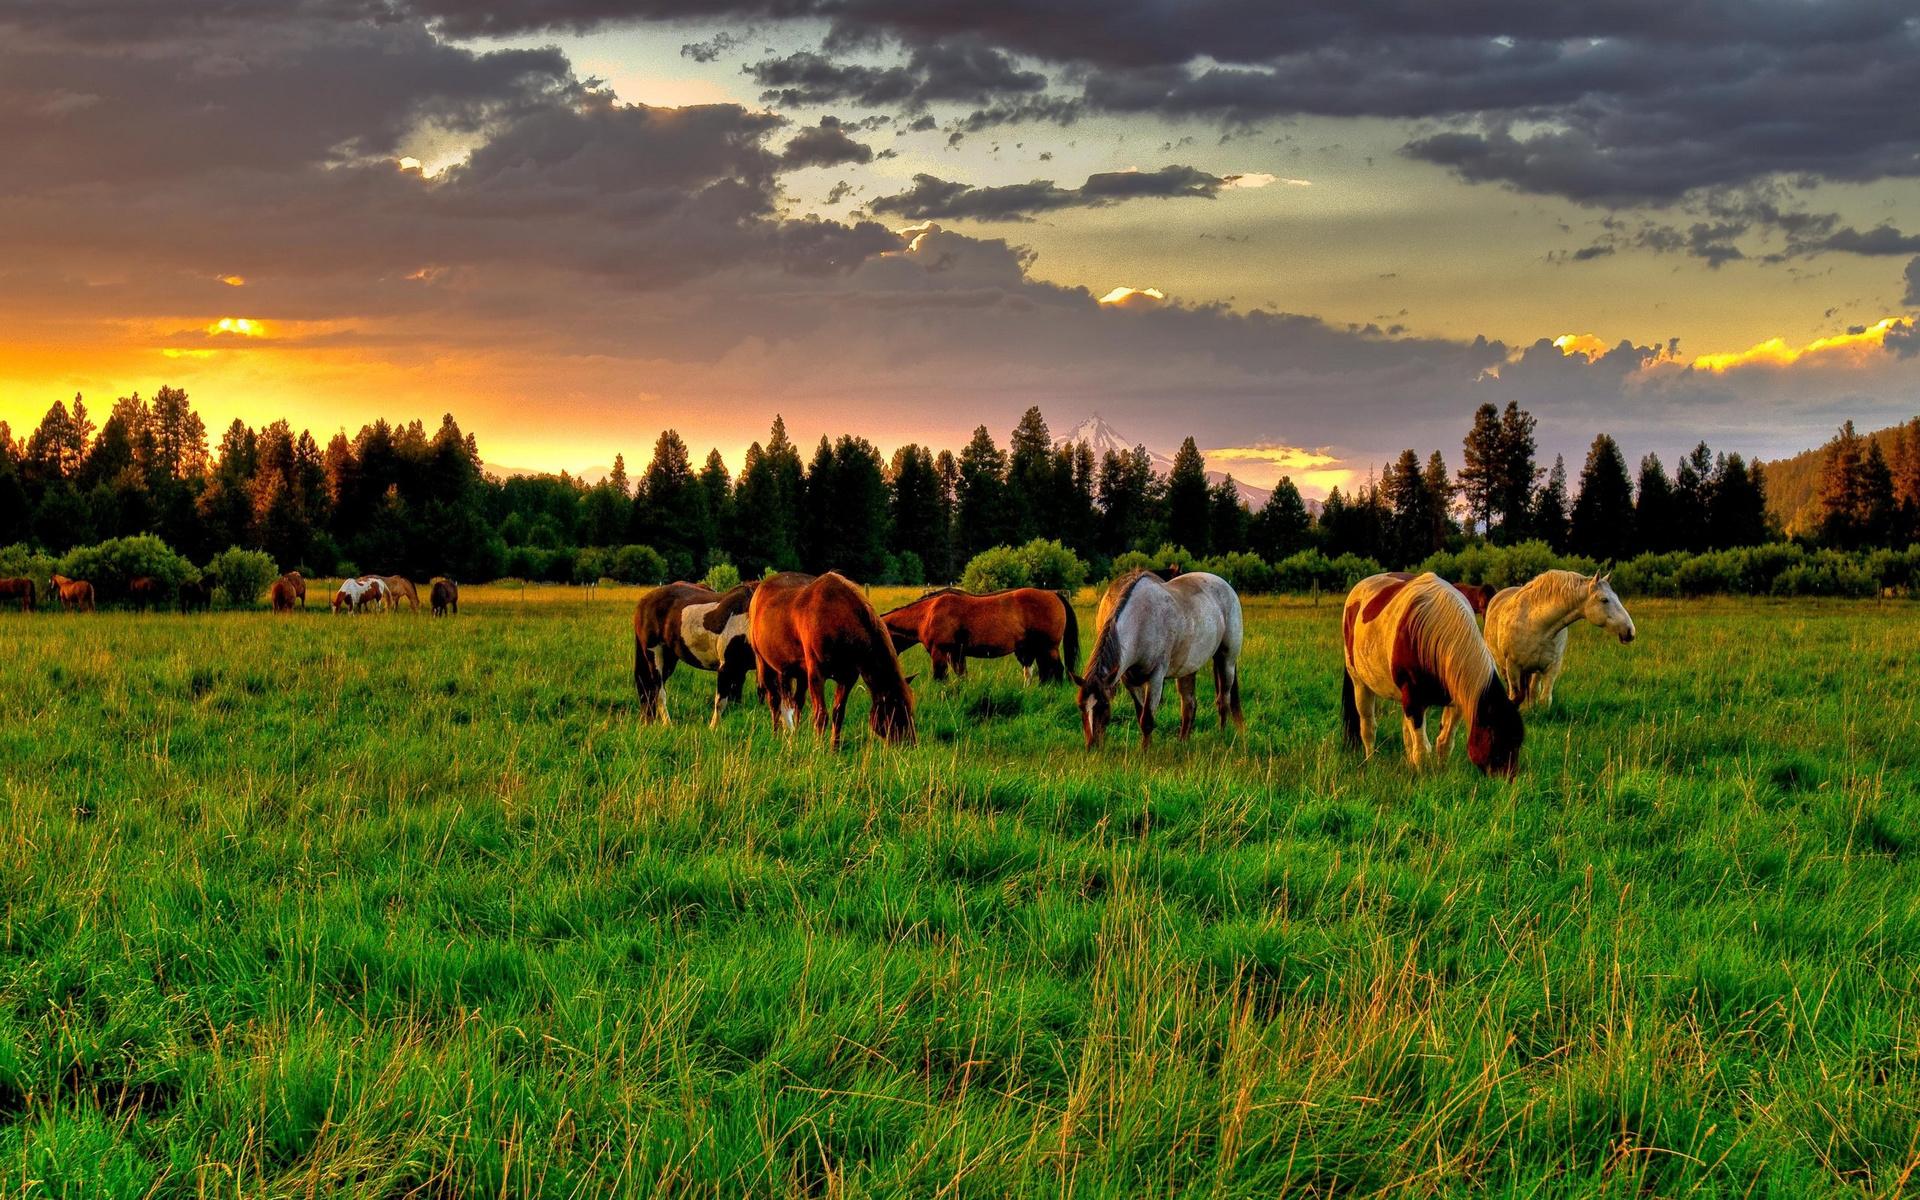 вовремя картинка лошади на лугу них есть